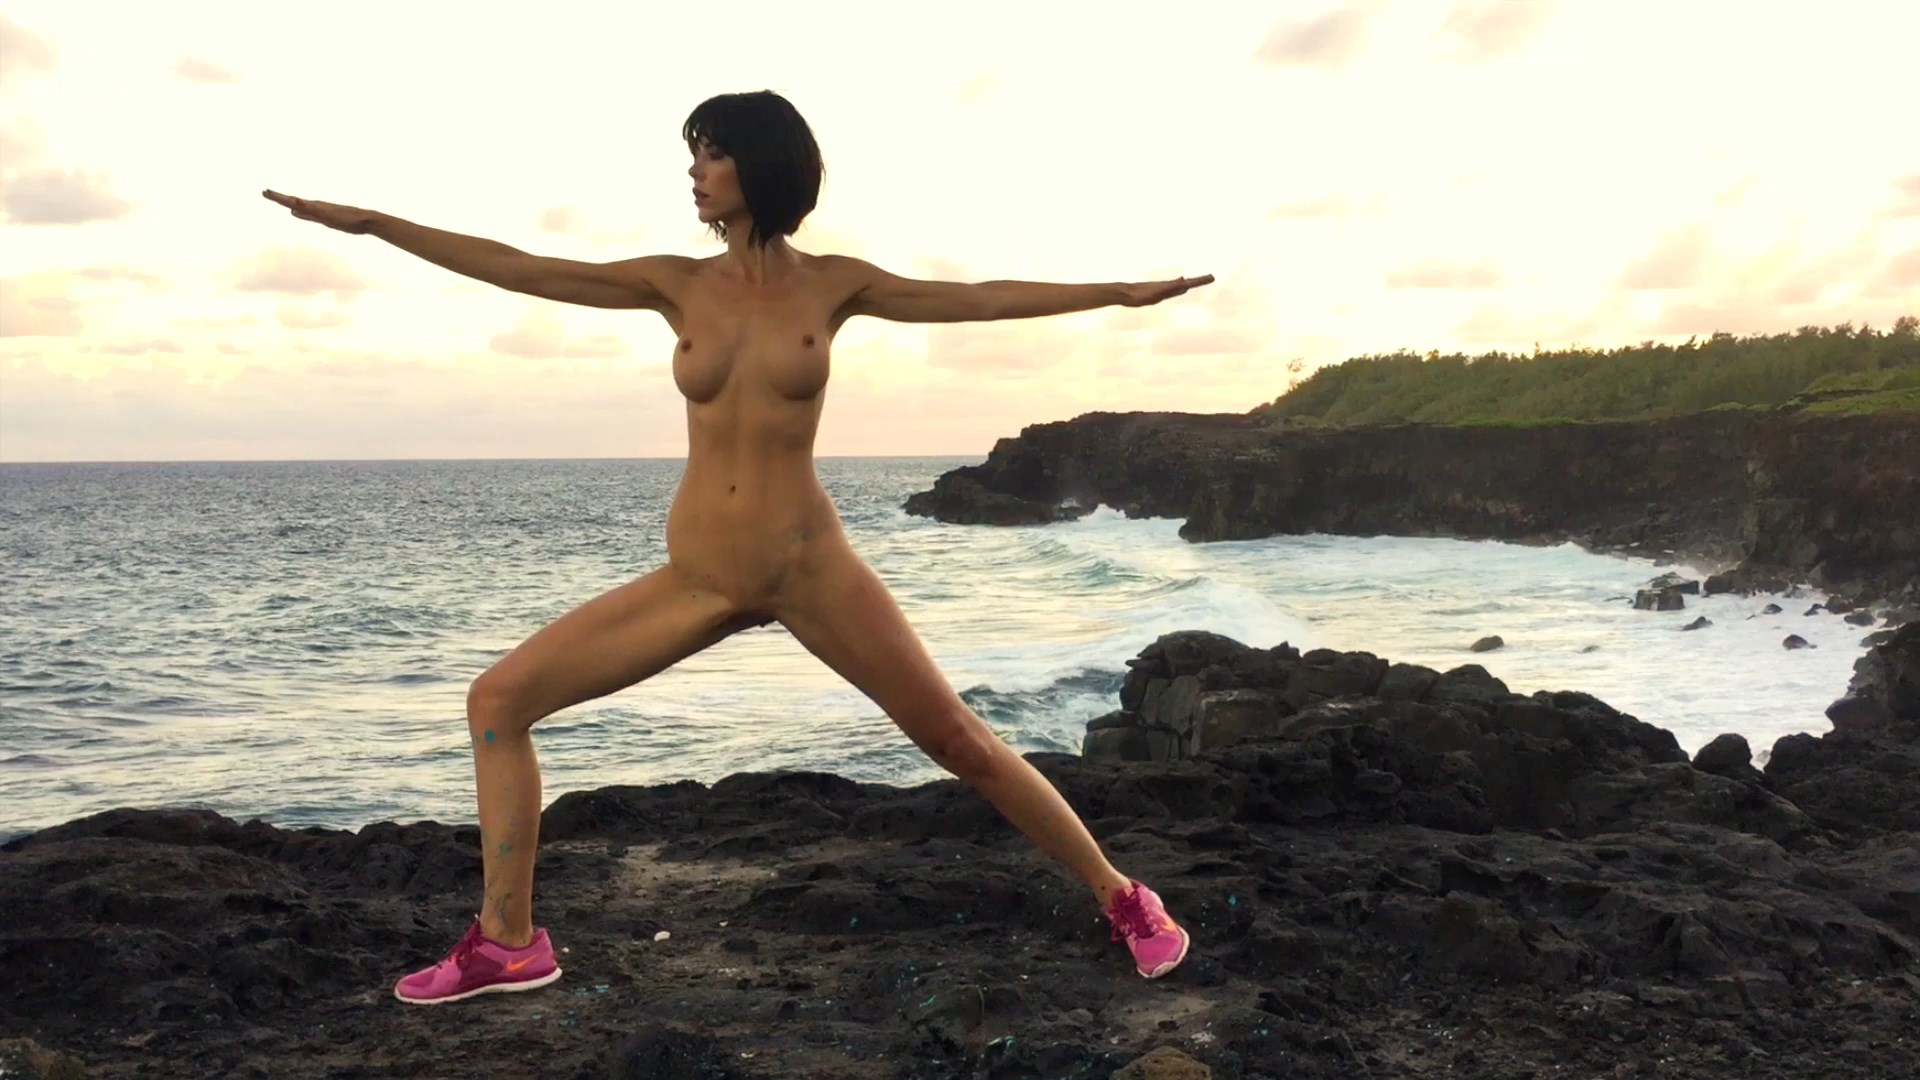 Milo-Moire naked photos (13)